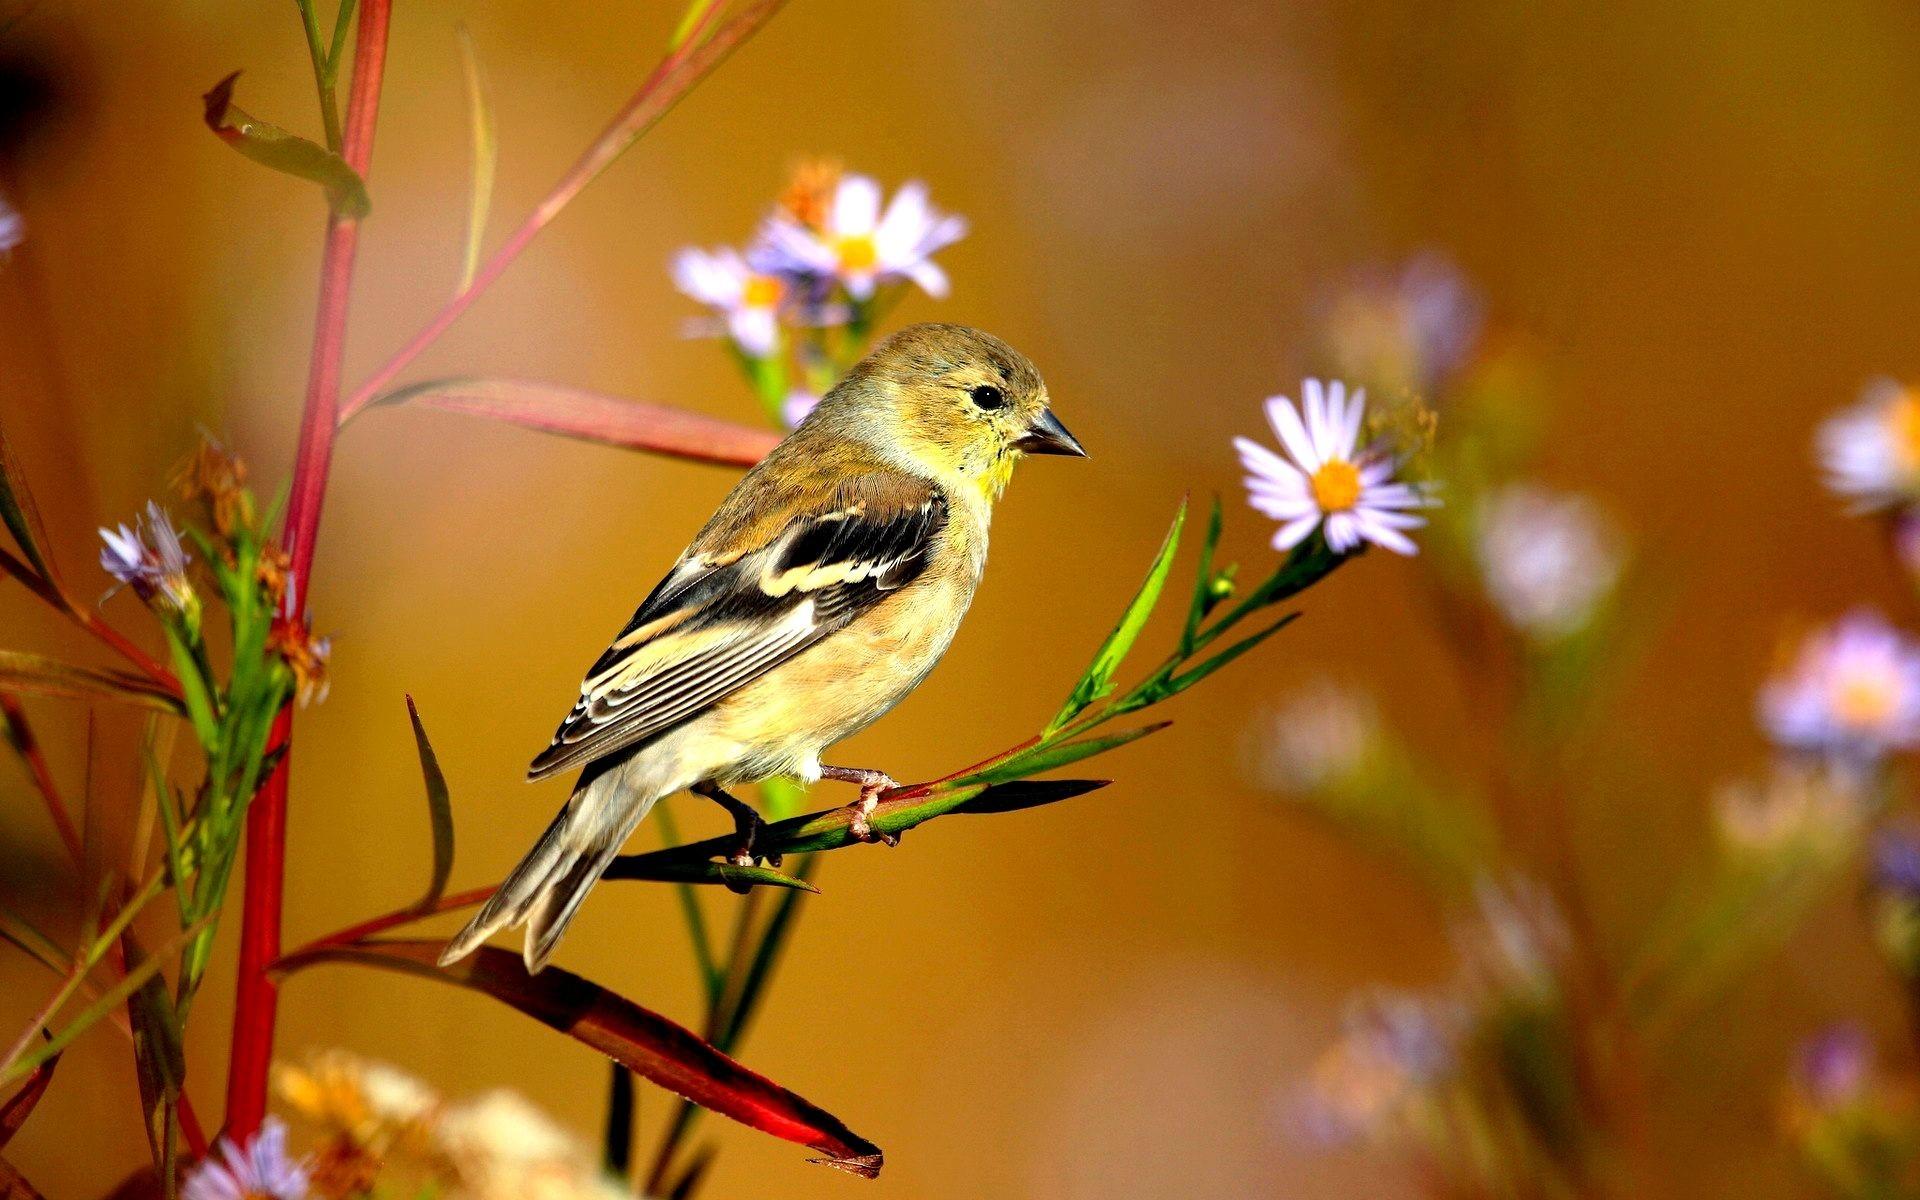 Spring bird desktop wallpaper – Attractive Birds Hd Wallpapers For Desktop.  Download